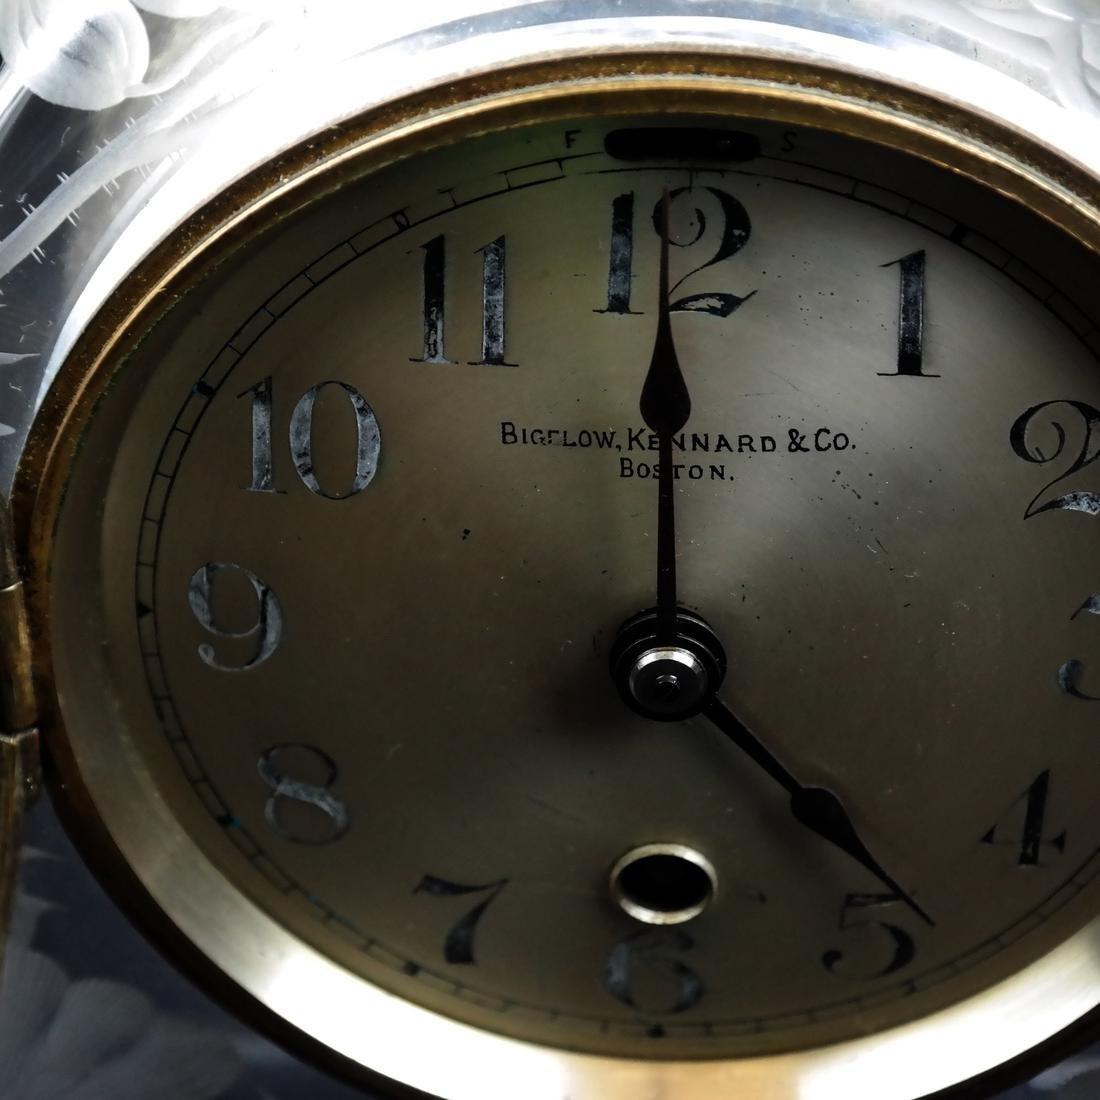 Bigelow, Kennard & Co. Mantle Clock - 4